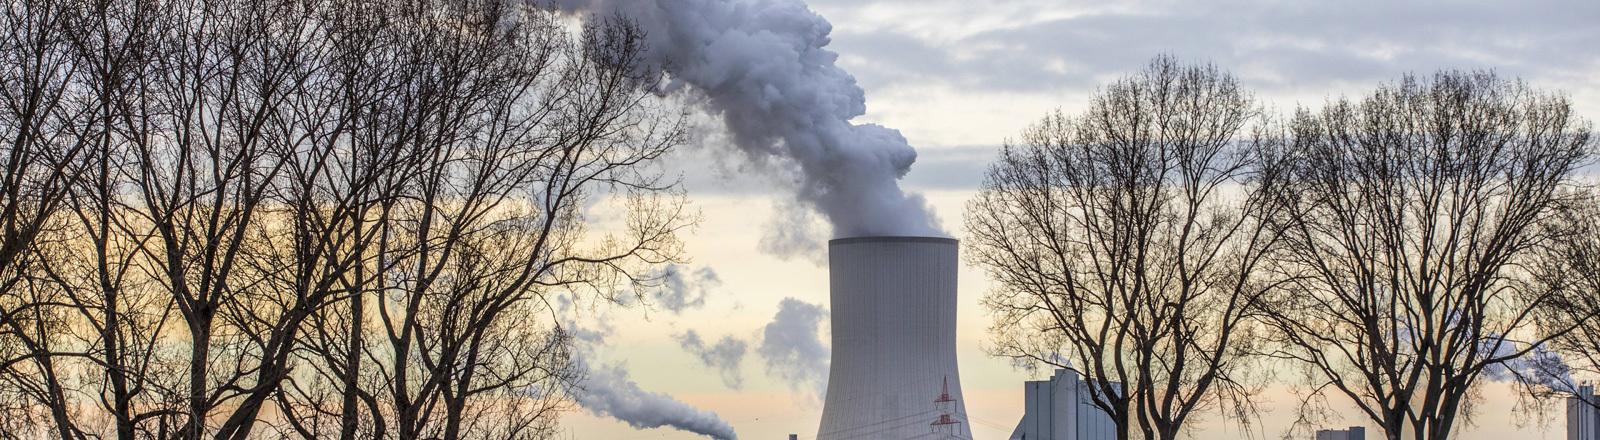 Bäume neben dem Kühlturm eines Kohlekraftwerks.